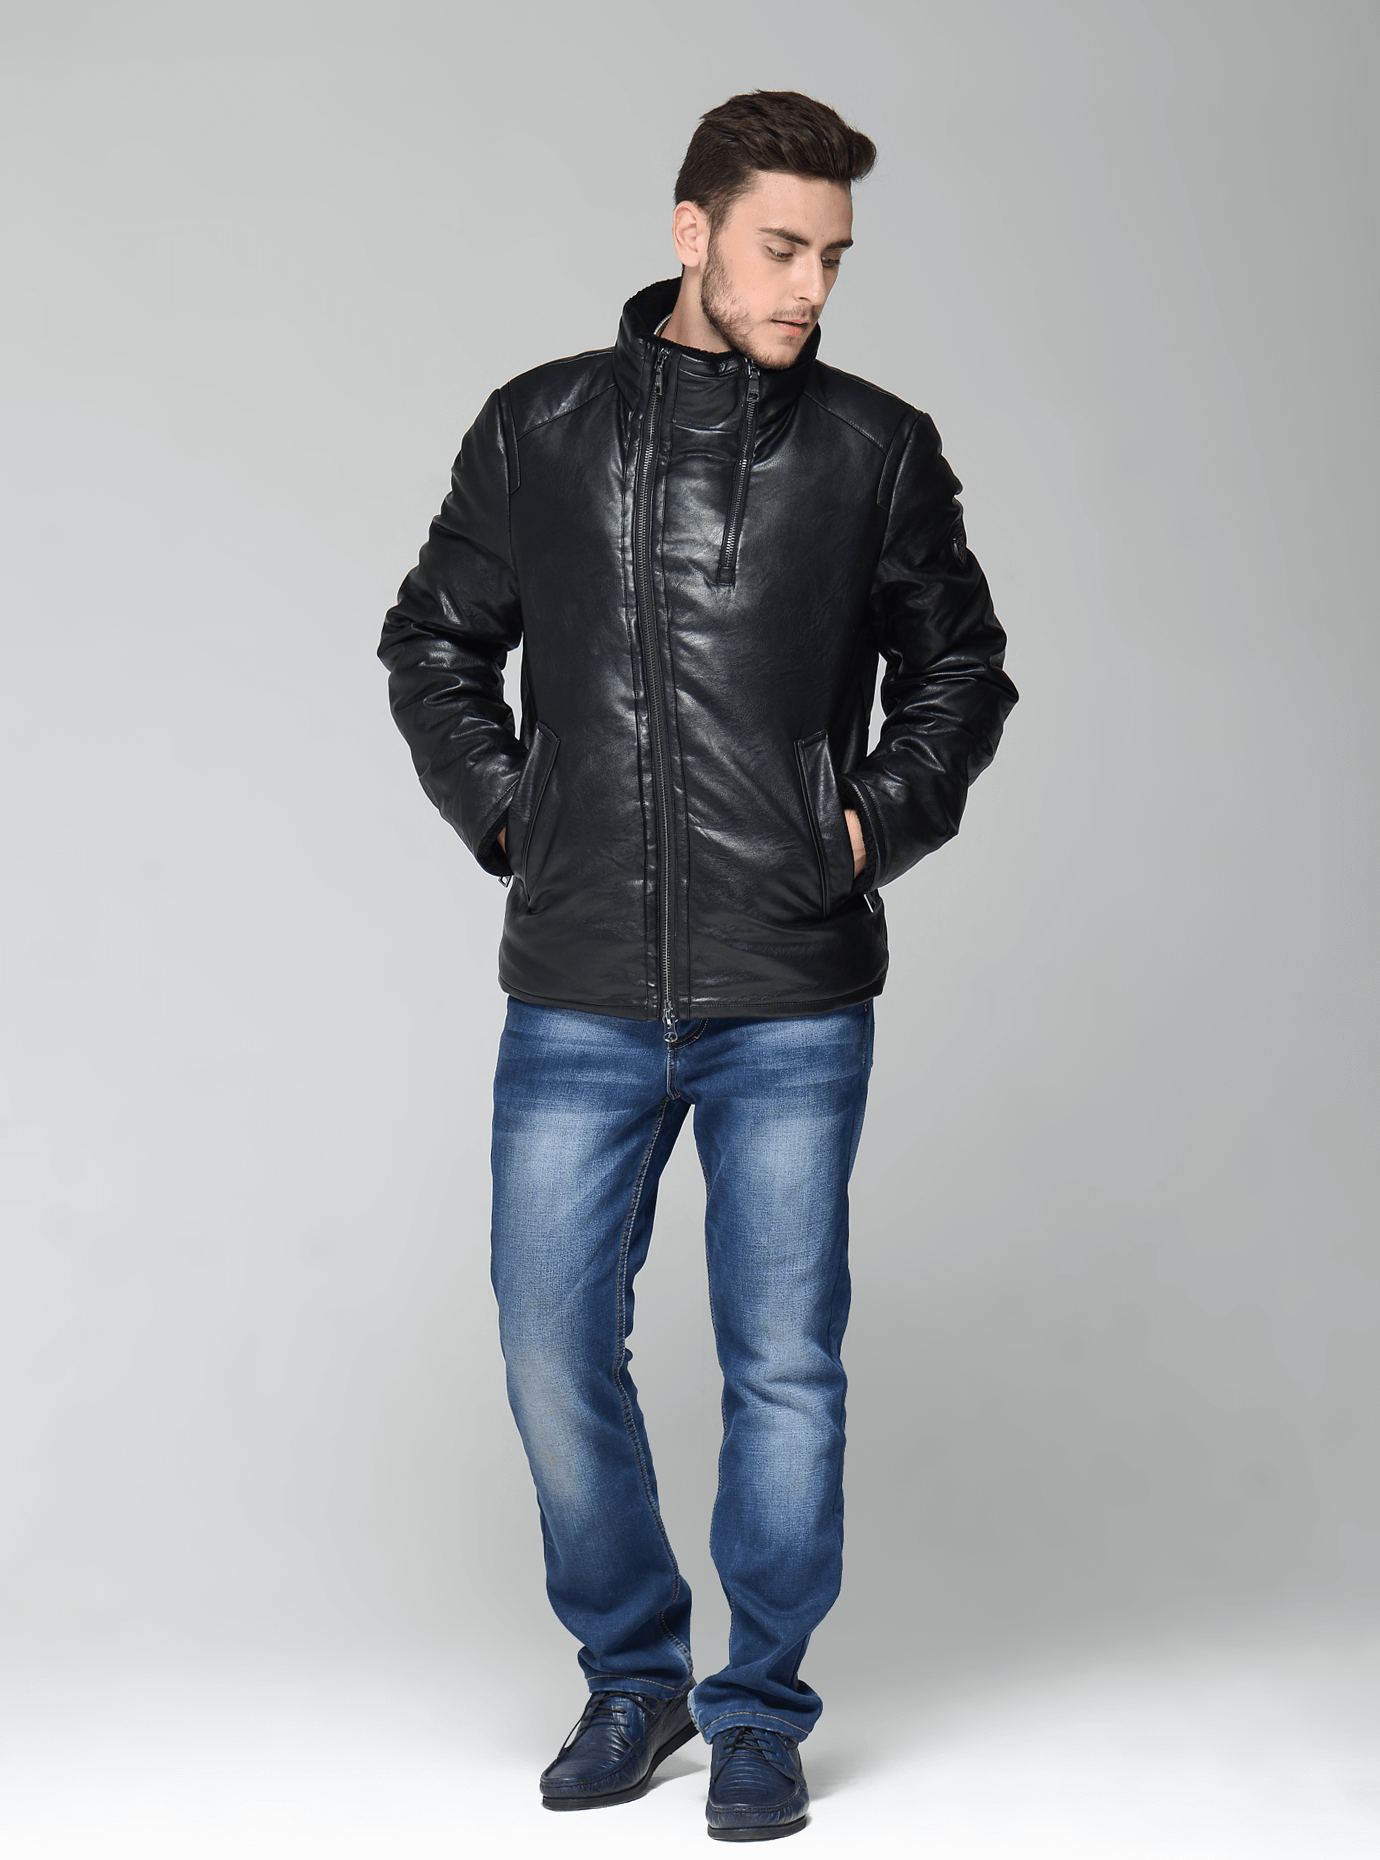 Зимняя мужская куртка Чёрный 46 (02-MC19218): фото - Alster.ua